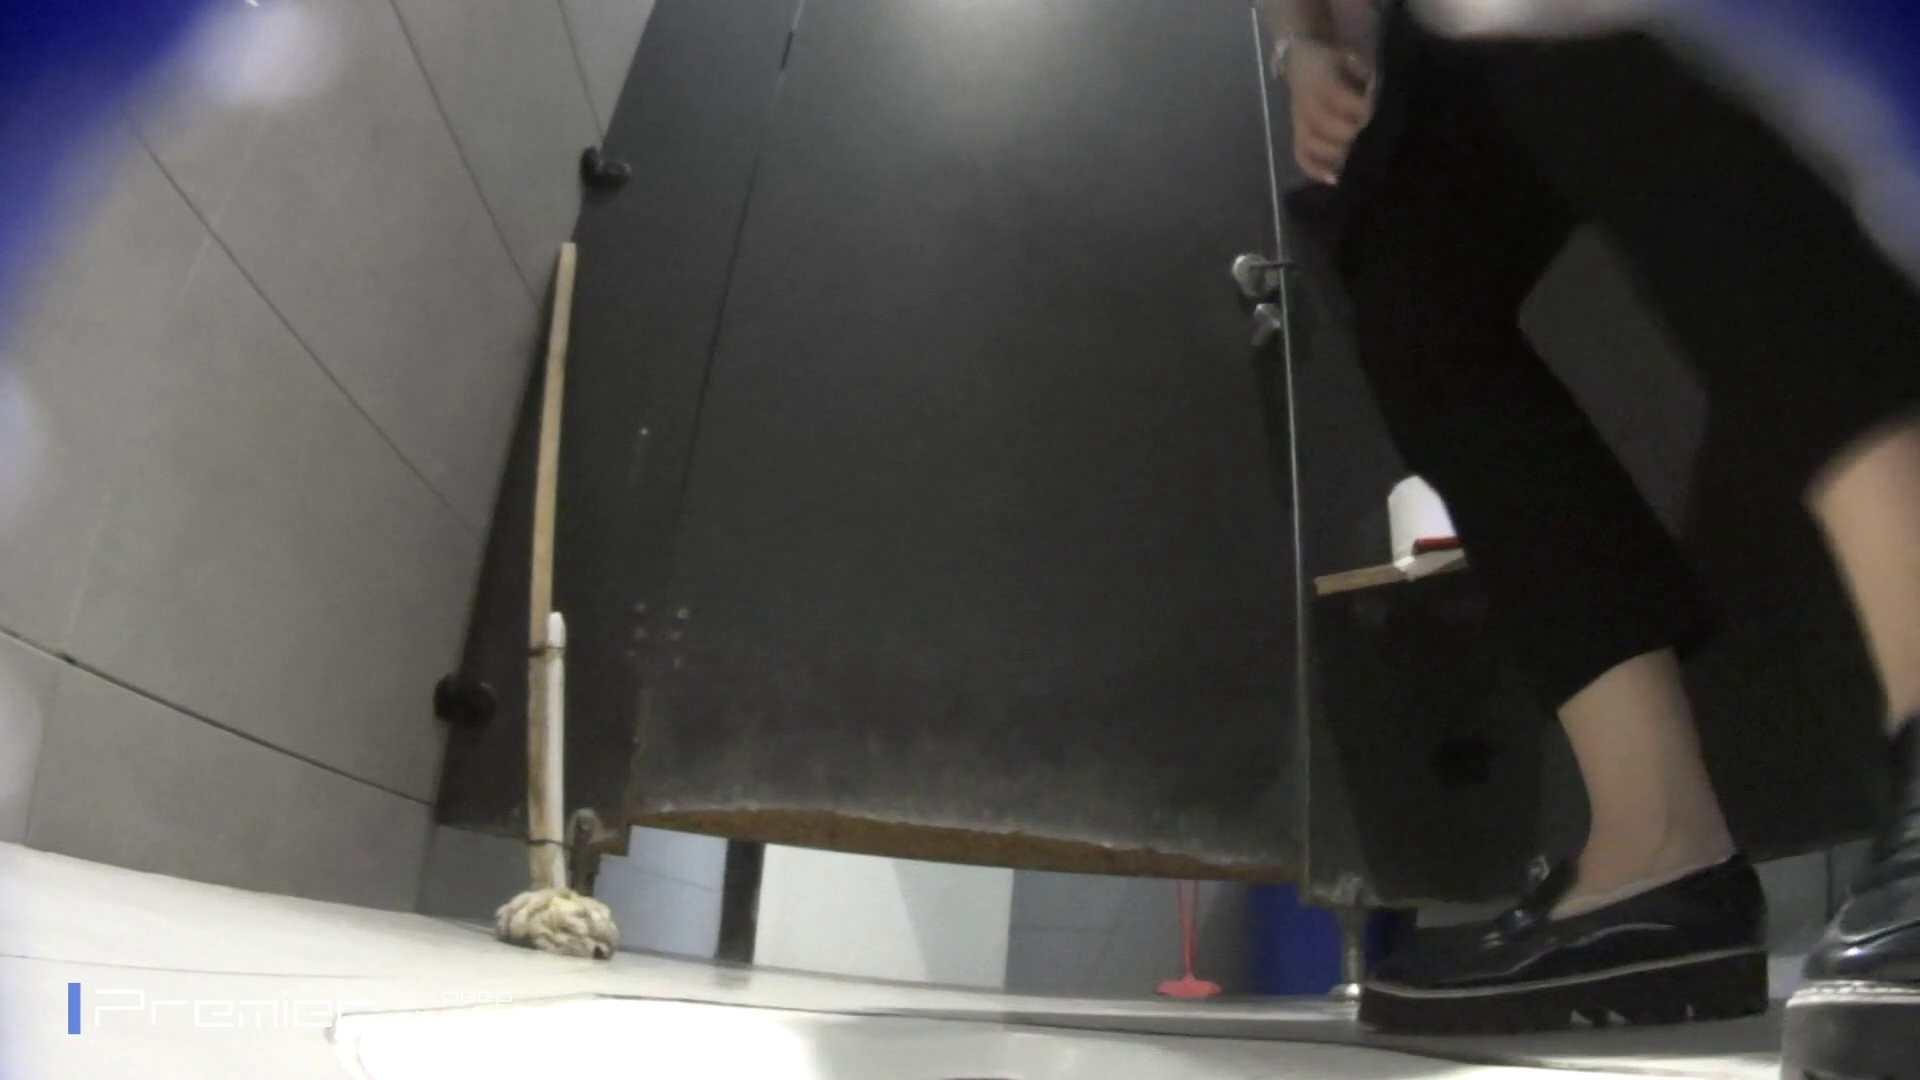 トイレットペーパーを握りしめ個室に入る乙女 大学休憩時間の洗面所事情83 美女  98pic 21